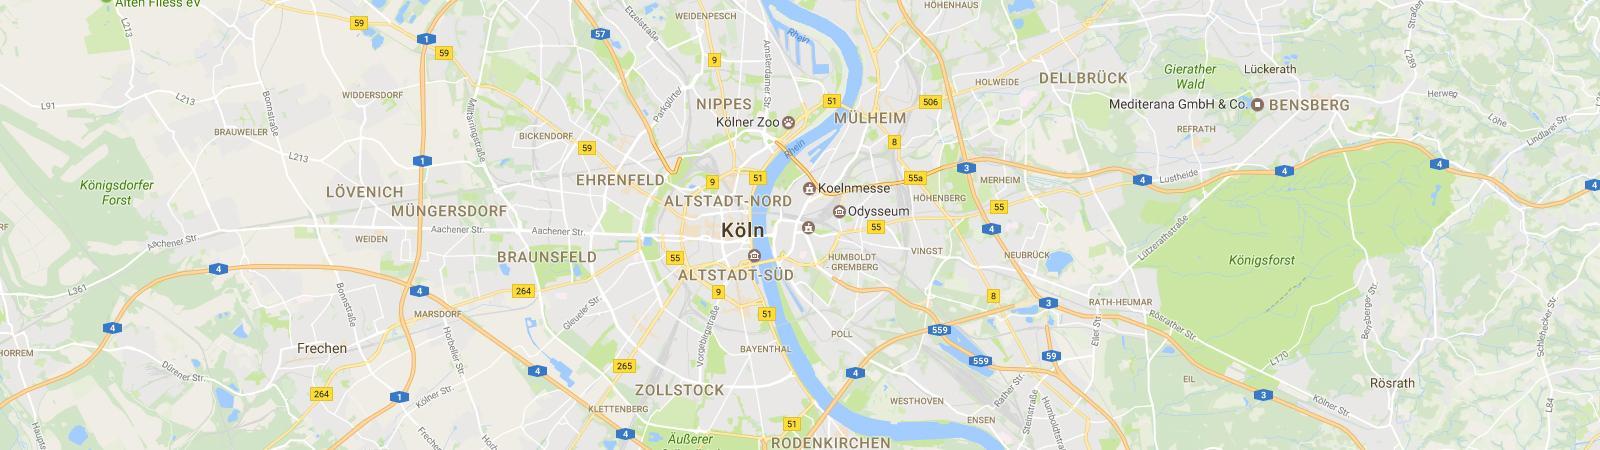 DriveNow_Carsharing_Köln_Geschäftsgebiet_Parken_Elektroautos_Kurzstrecke_Car2Go_Langstrecke_Finanztip